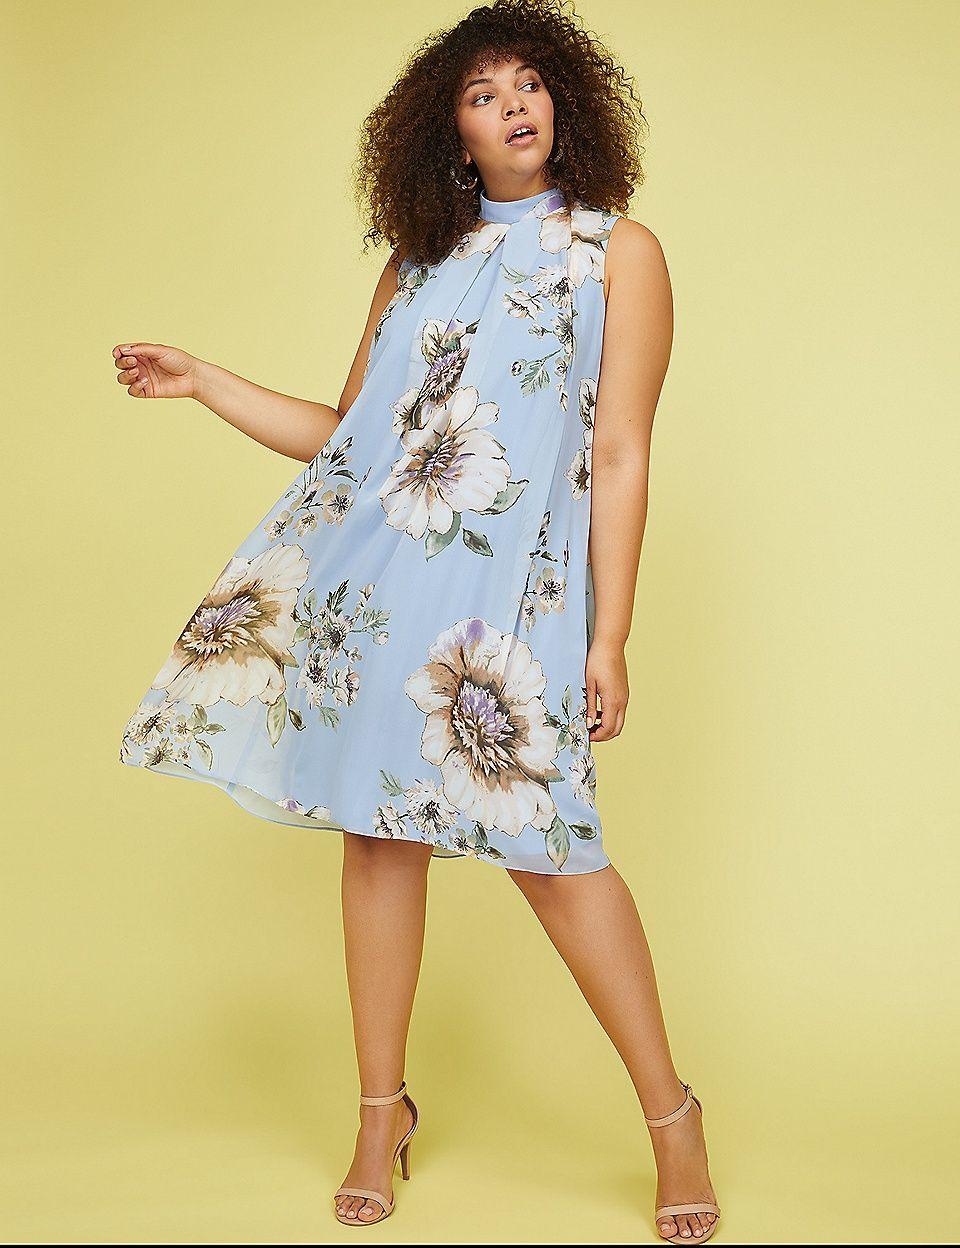 b1edcb5ea8894 Mock-Neck Sheath Dress with Swing Overlay | Lane Bryant | Clothes ...